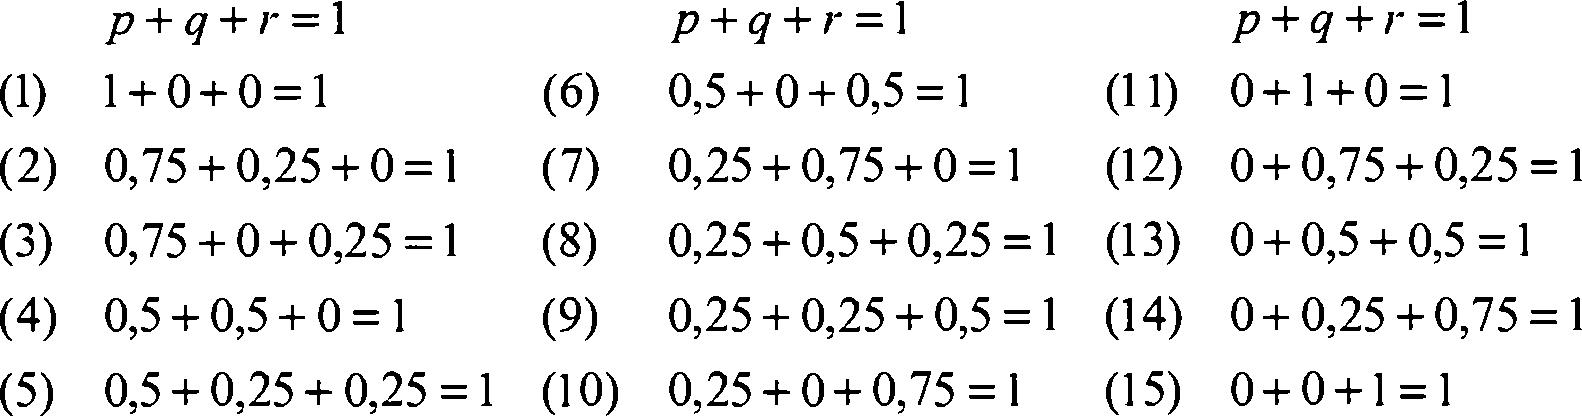 Figure DE102009021785B4_0019